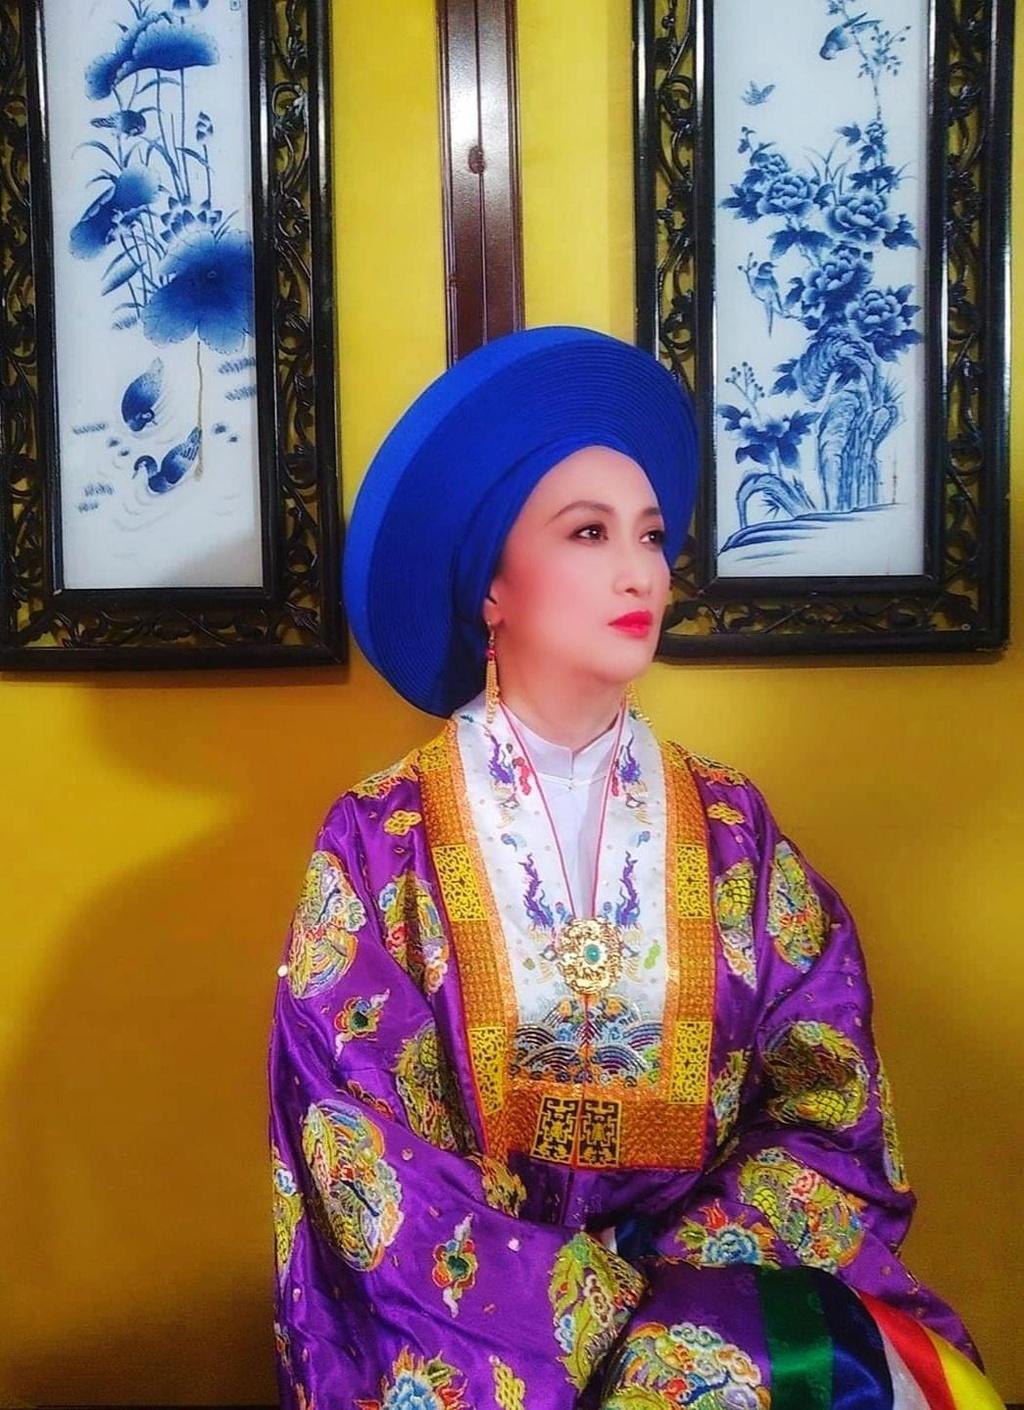 Hoa hau Diem Chau dam nhan vai phi tan cua Hoang de Thieu Tri hinh anh 5 image011.jpg